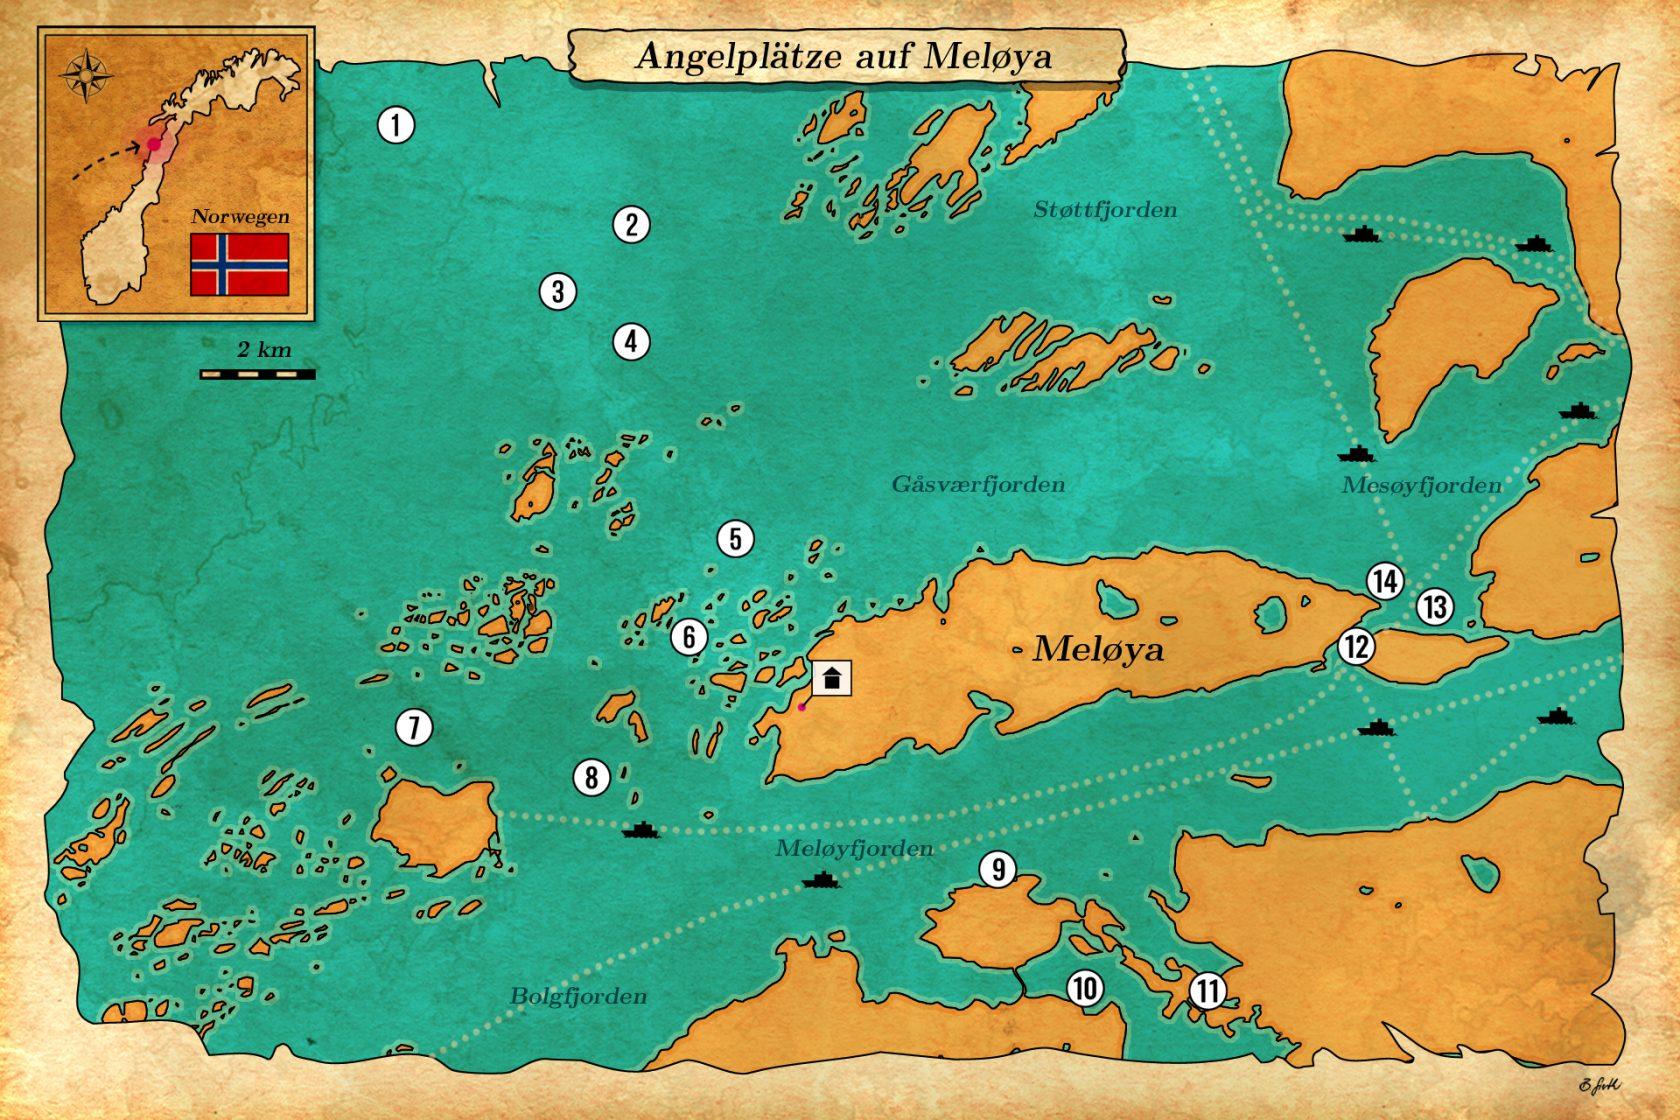 Angelplätze in Mittelnorwegen: Meløya